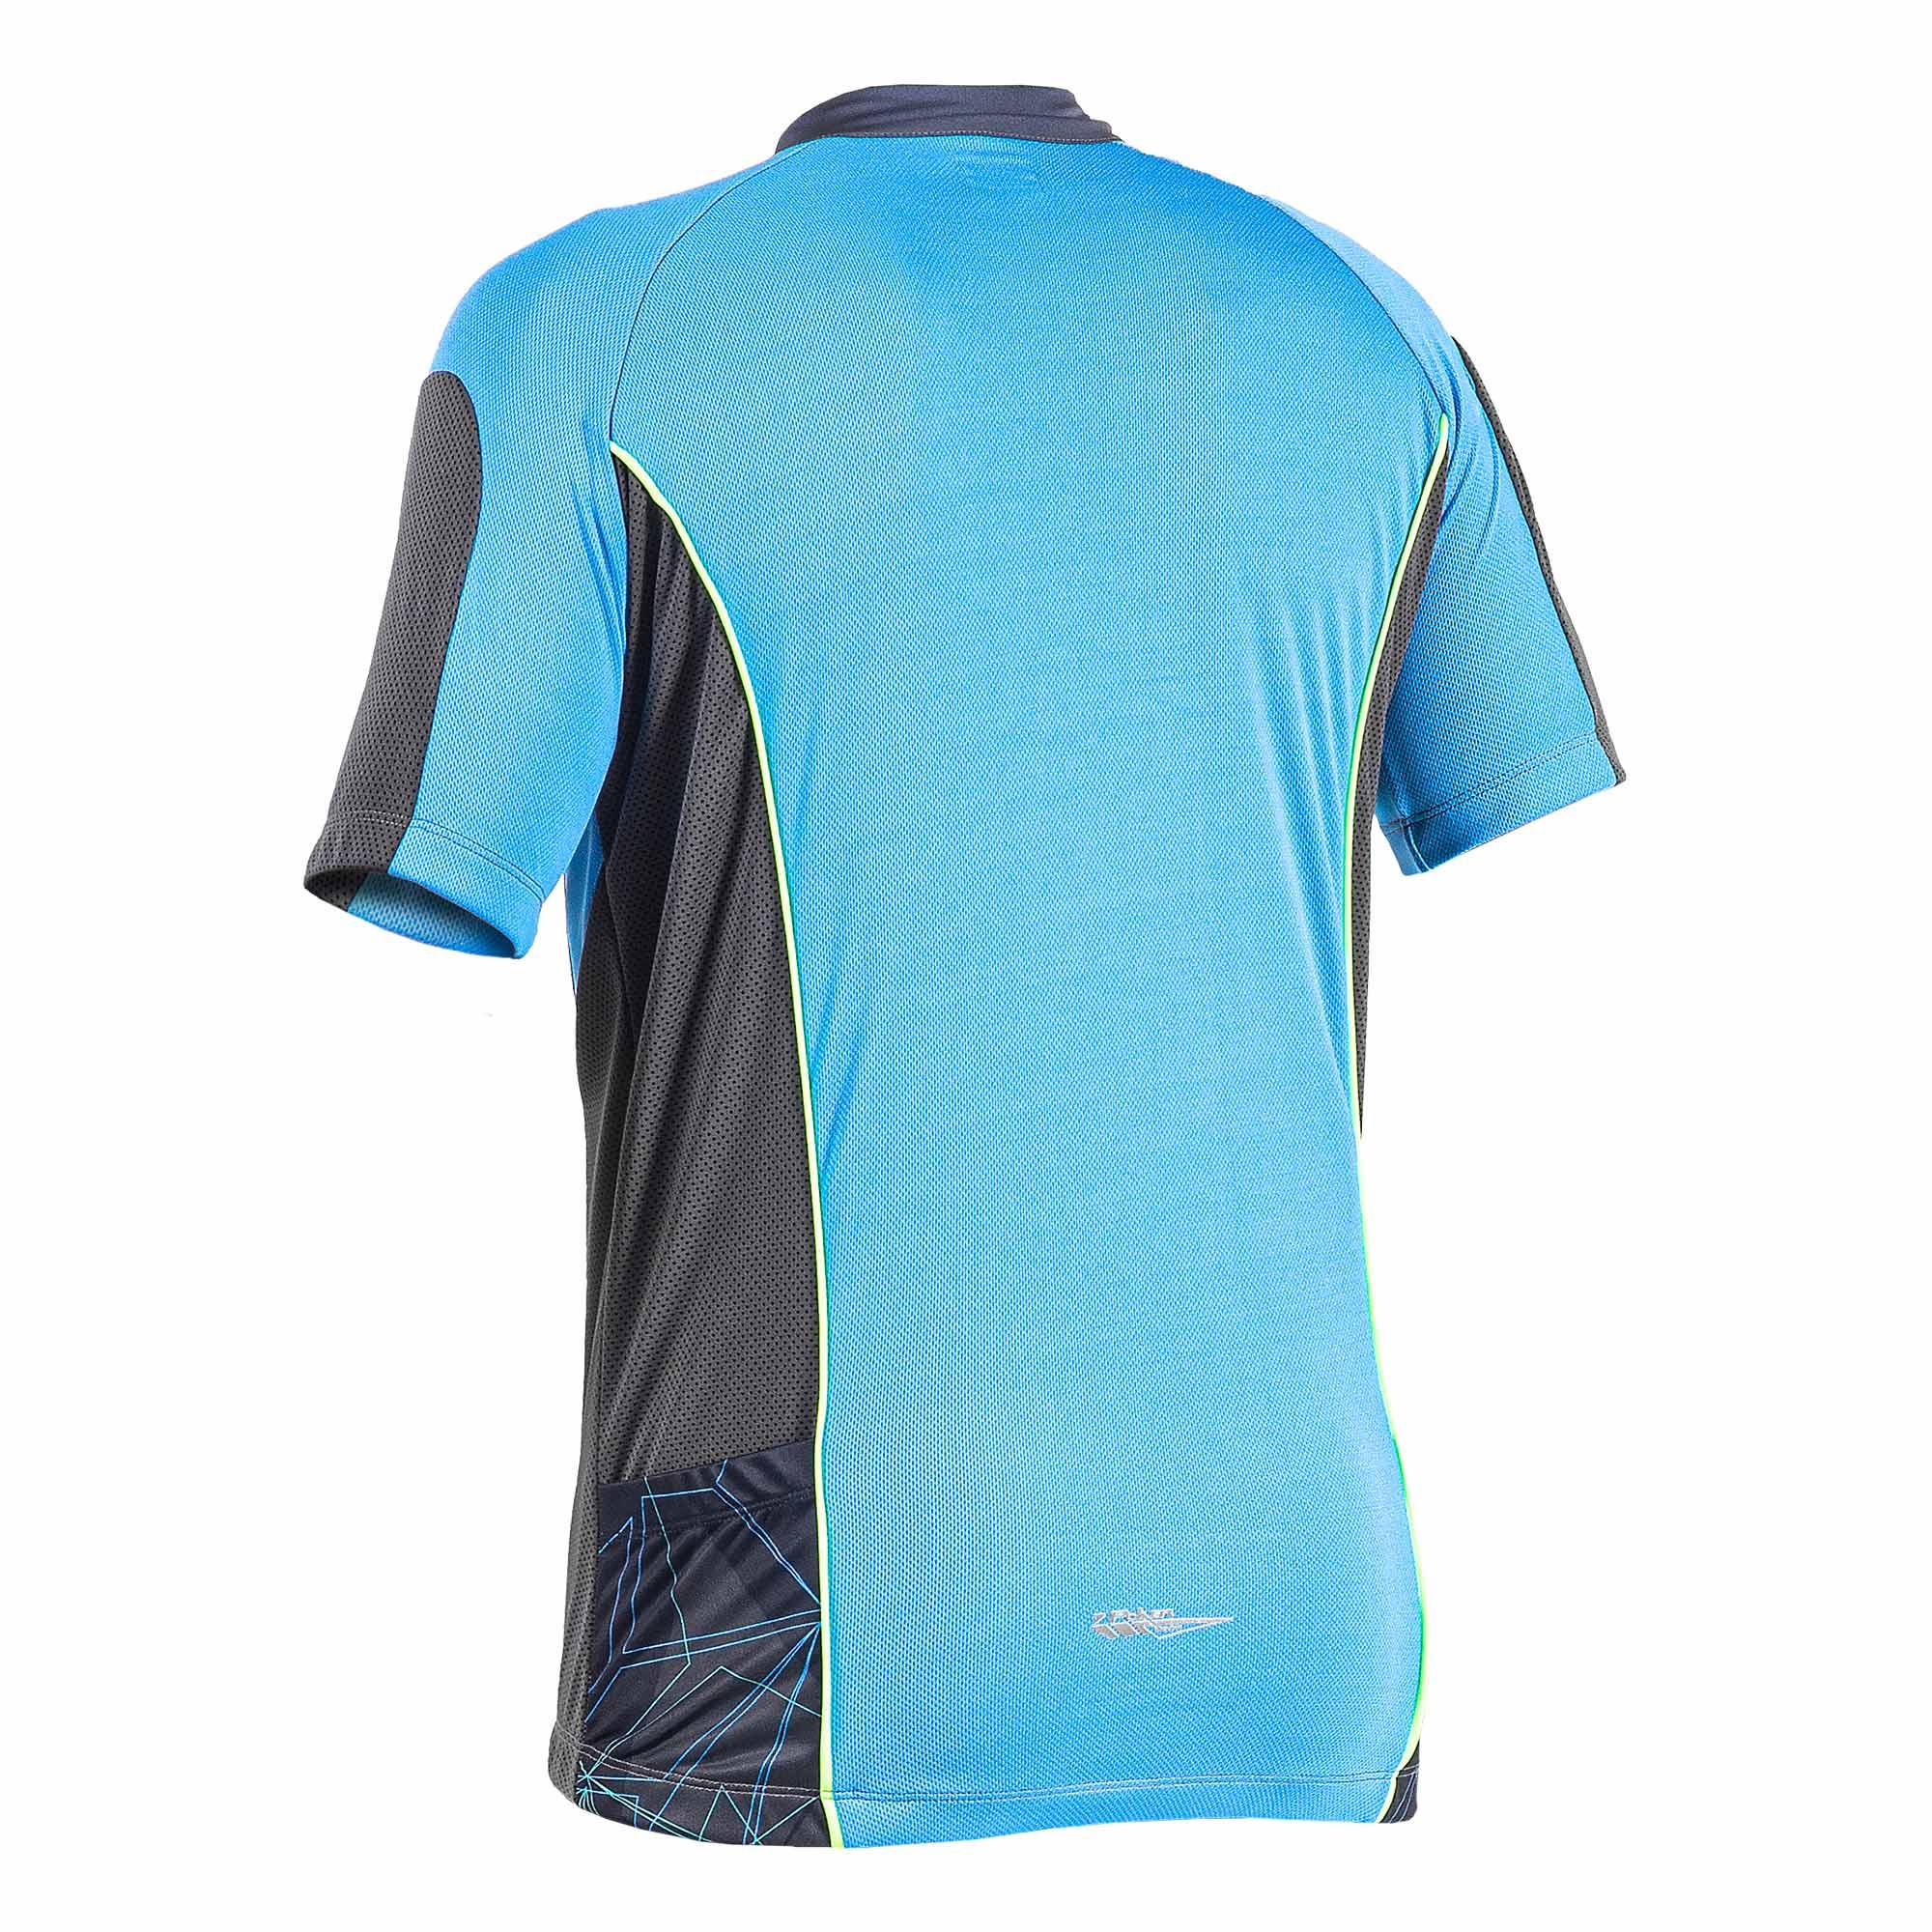 Camisa Ciclista C/ Zíper Dare 04188